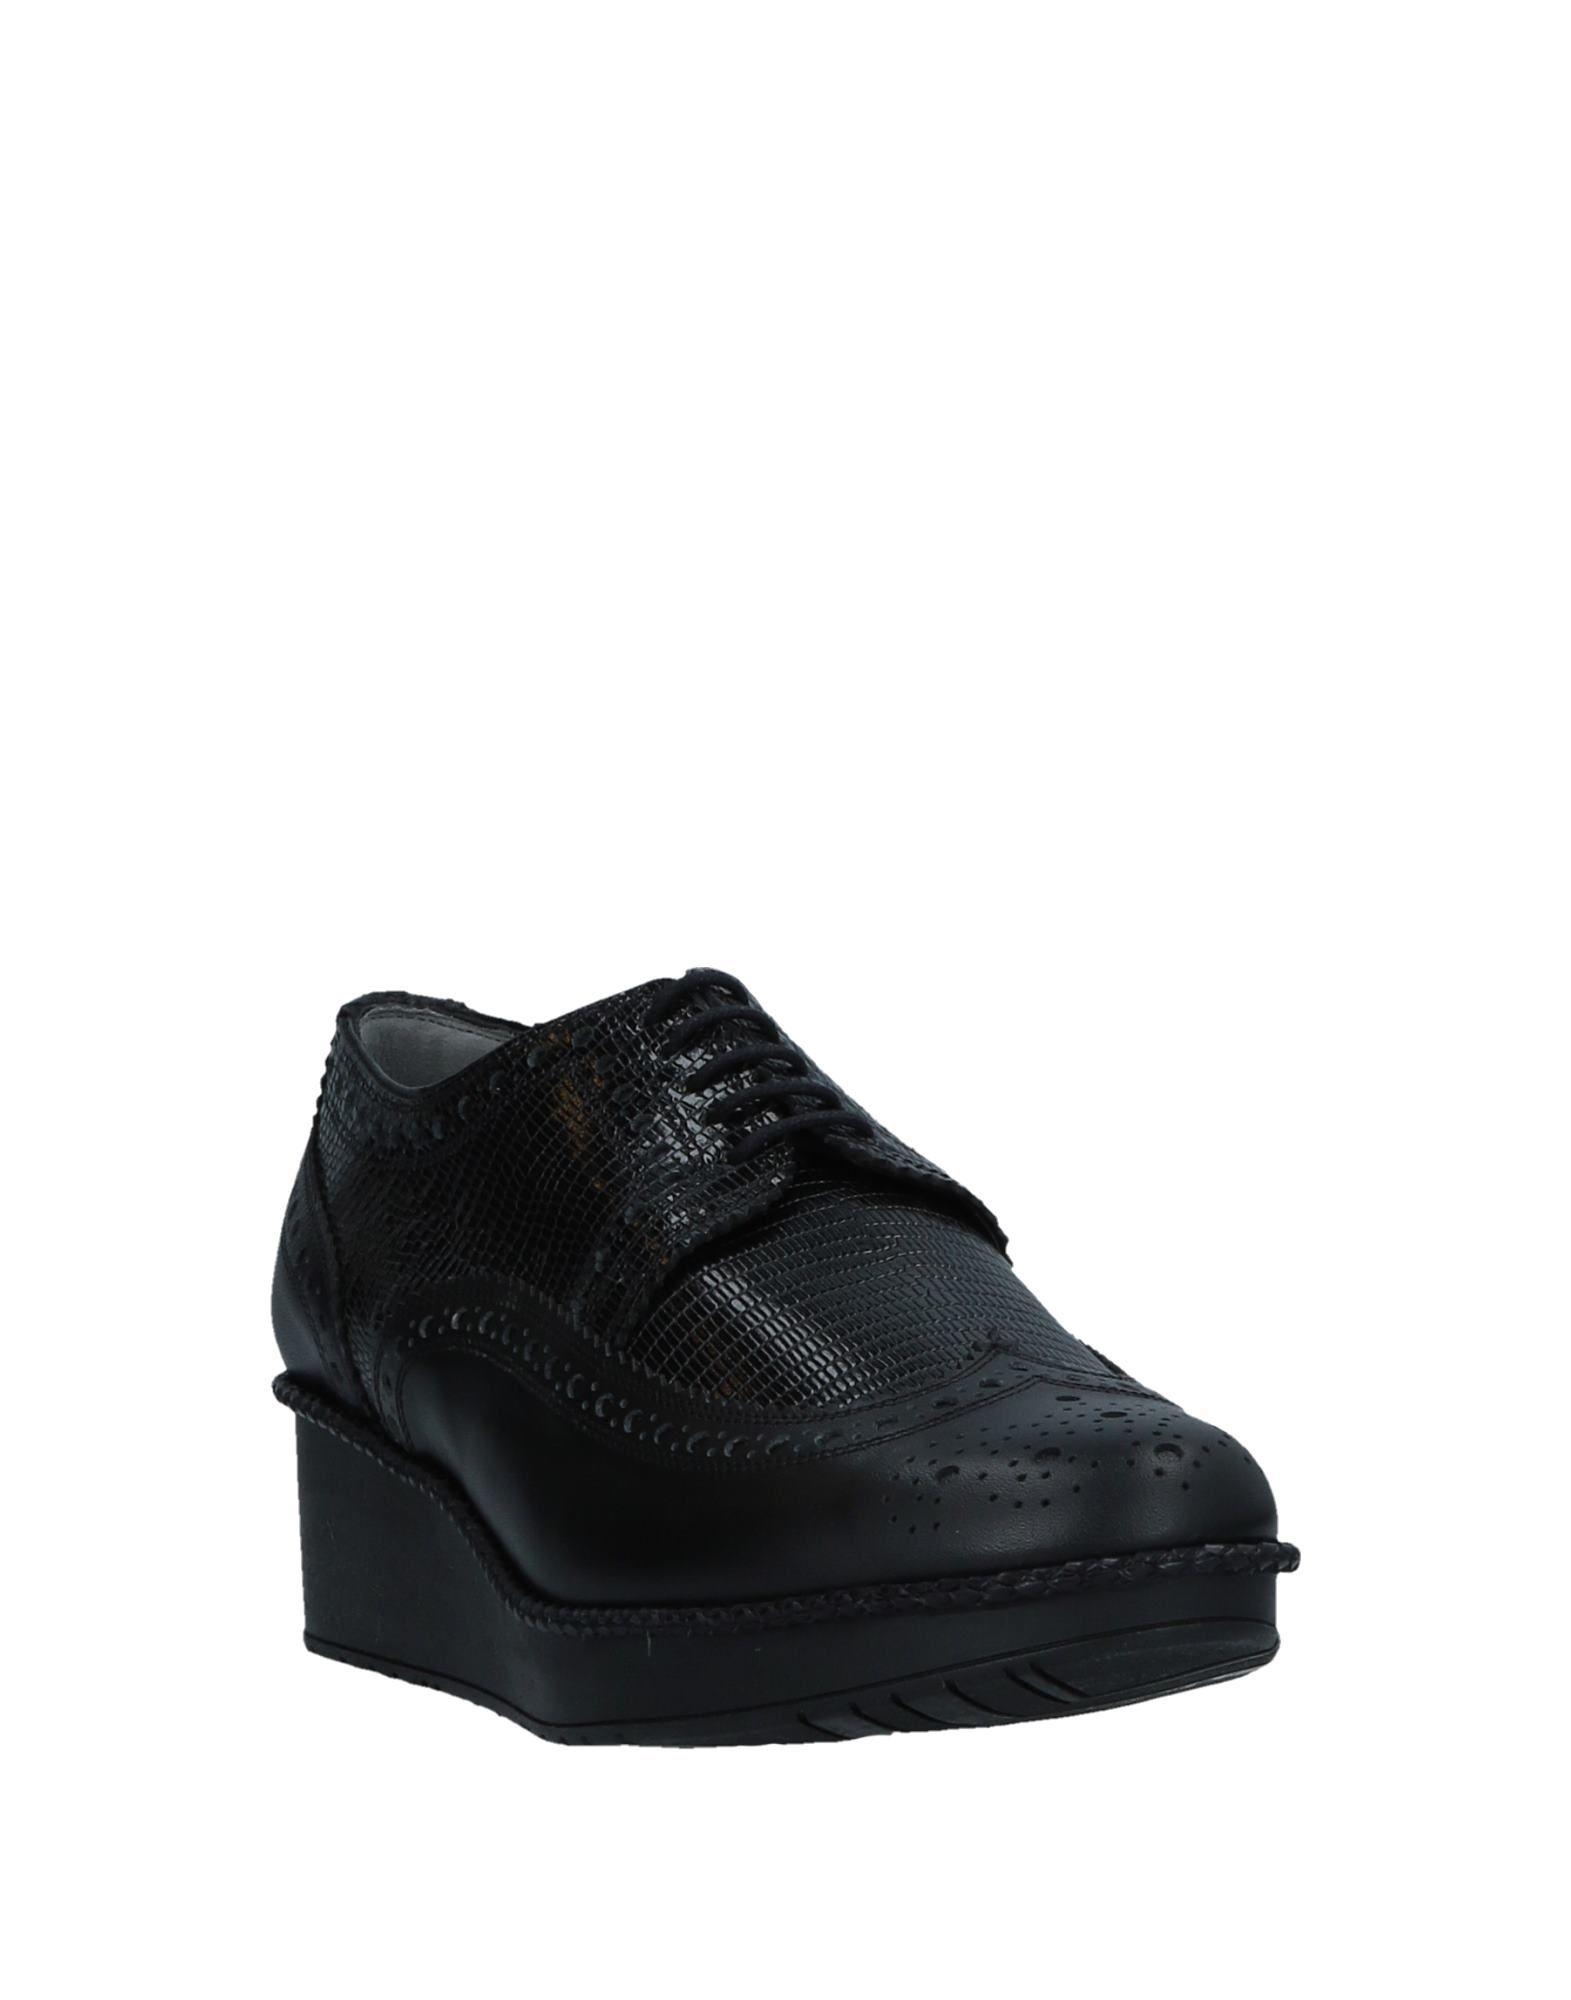 Rabatt Schuhe Robert Damen Clergerie Schnürschuhe Damen Robert  11533600PI 29d911